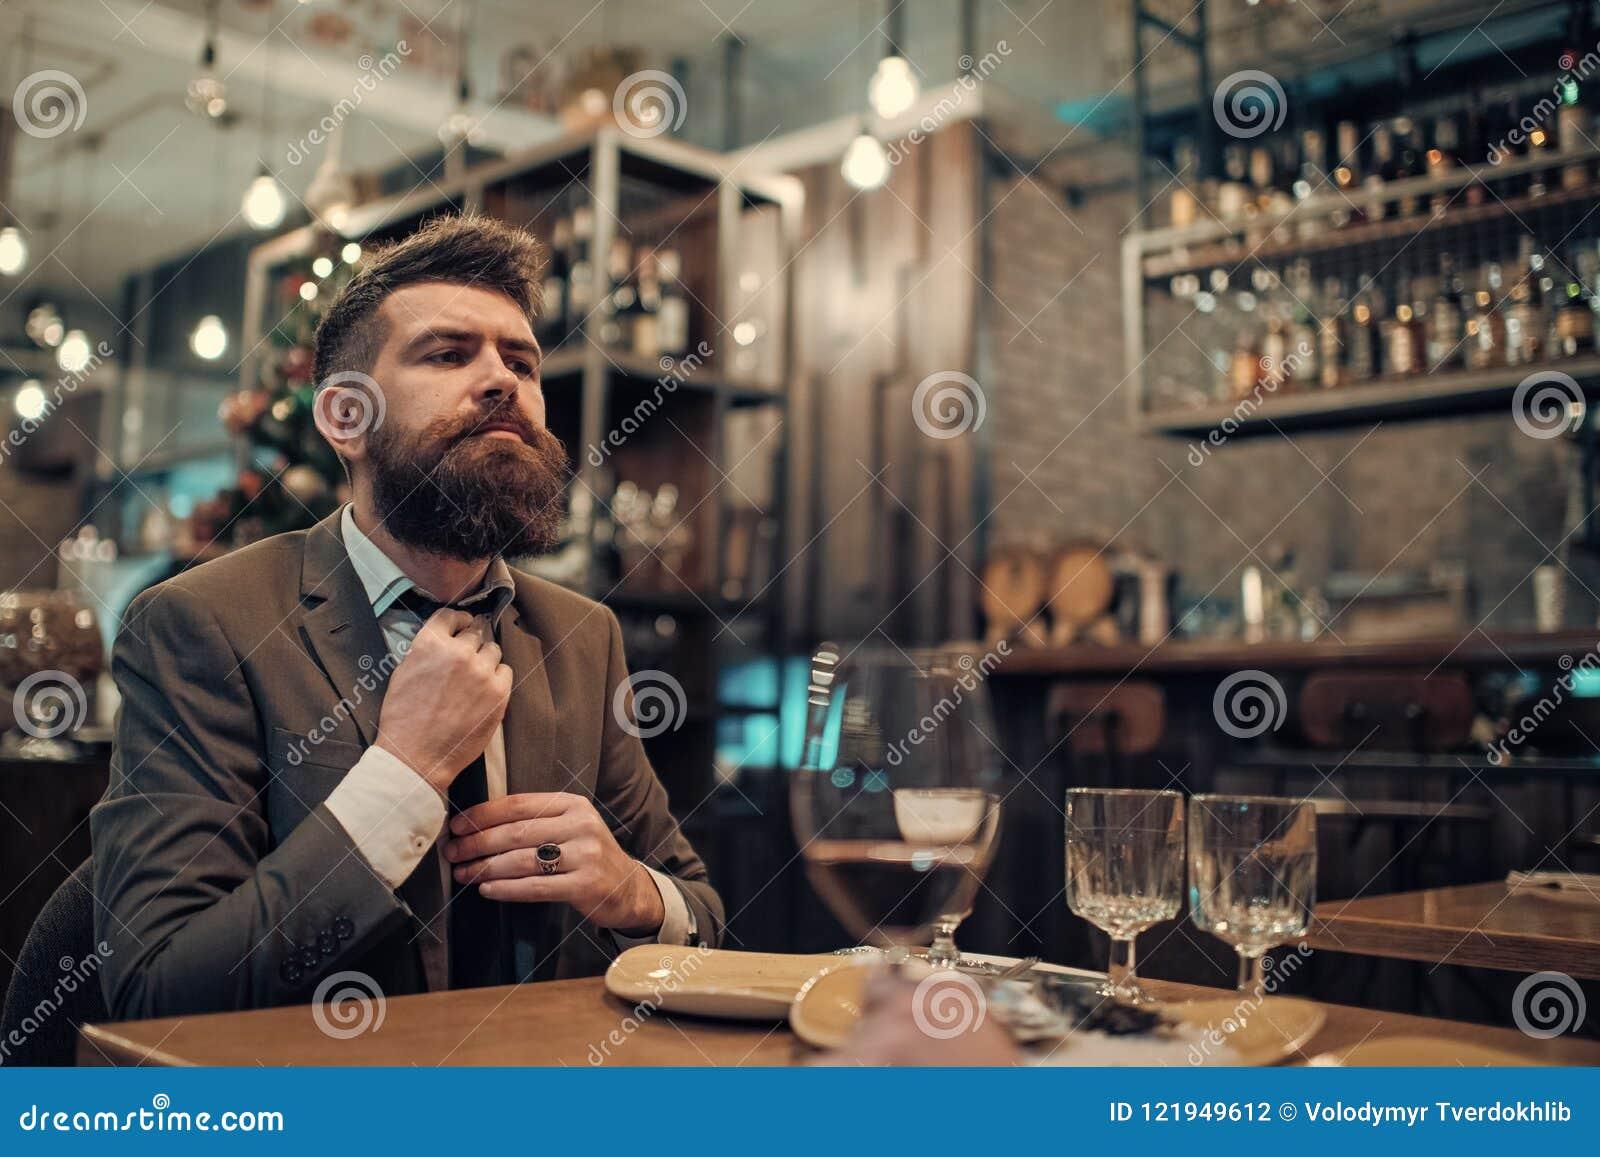 Ο βέβαιος πελάτης φραγμών μιλά στον καφέ Η επιχείρηση συνεχίζεται και επικοινωνία Συνεδρίαση της ημερομηνίας ή επιχειρήσεων του h